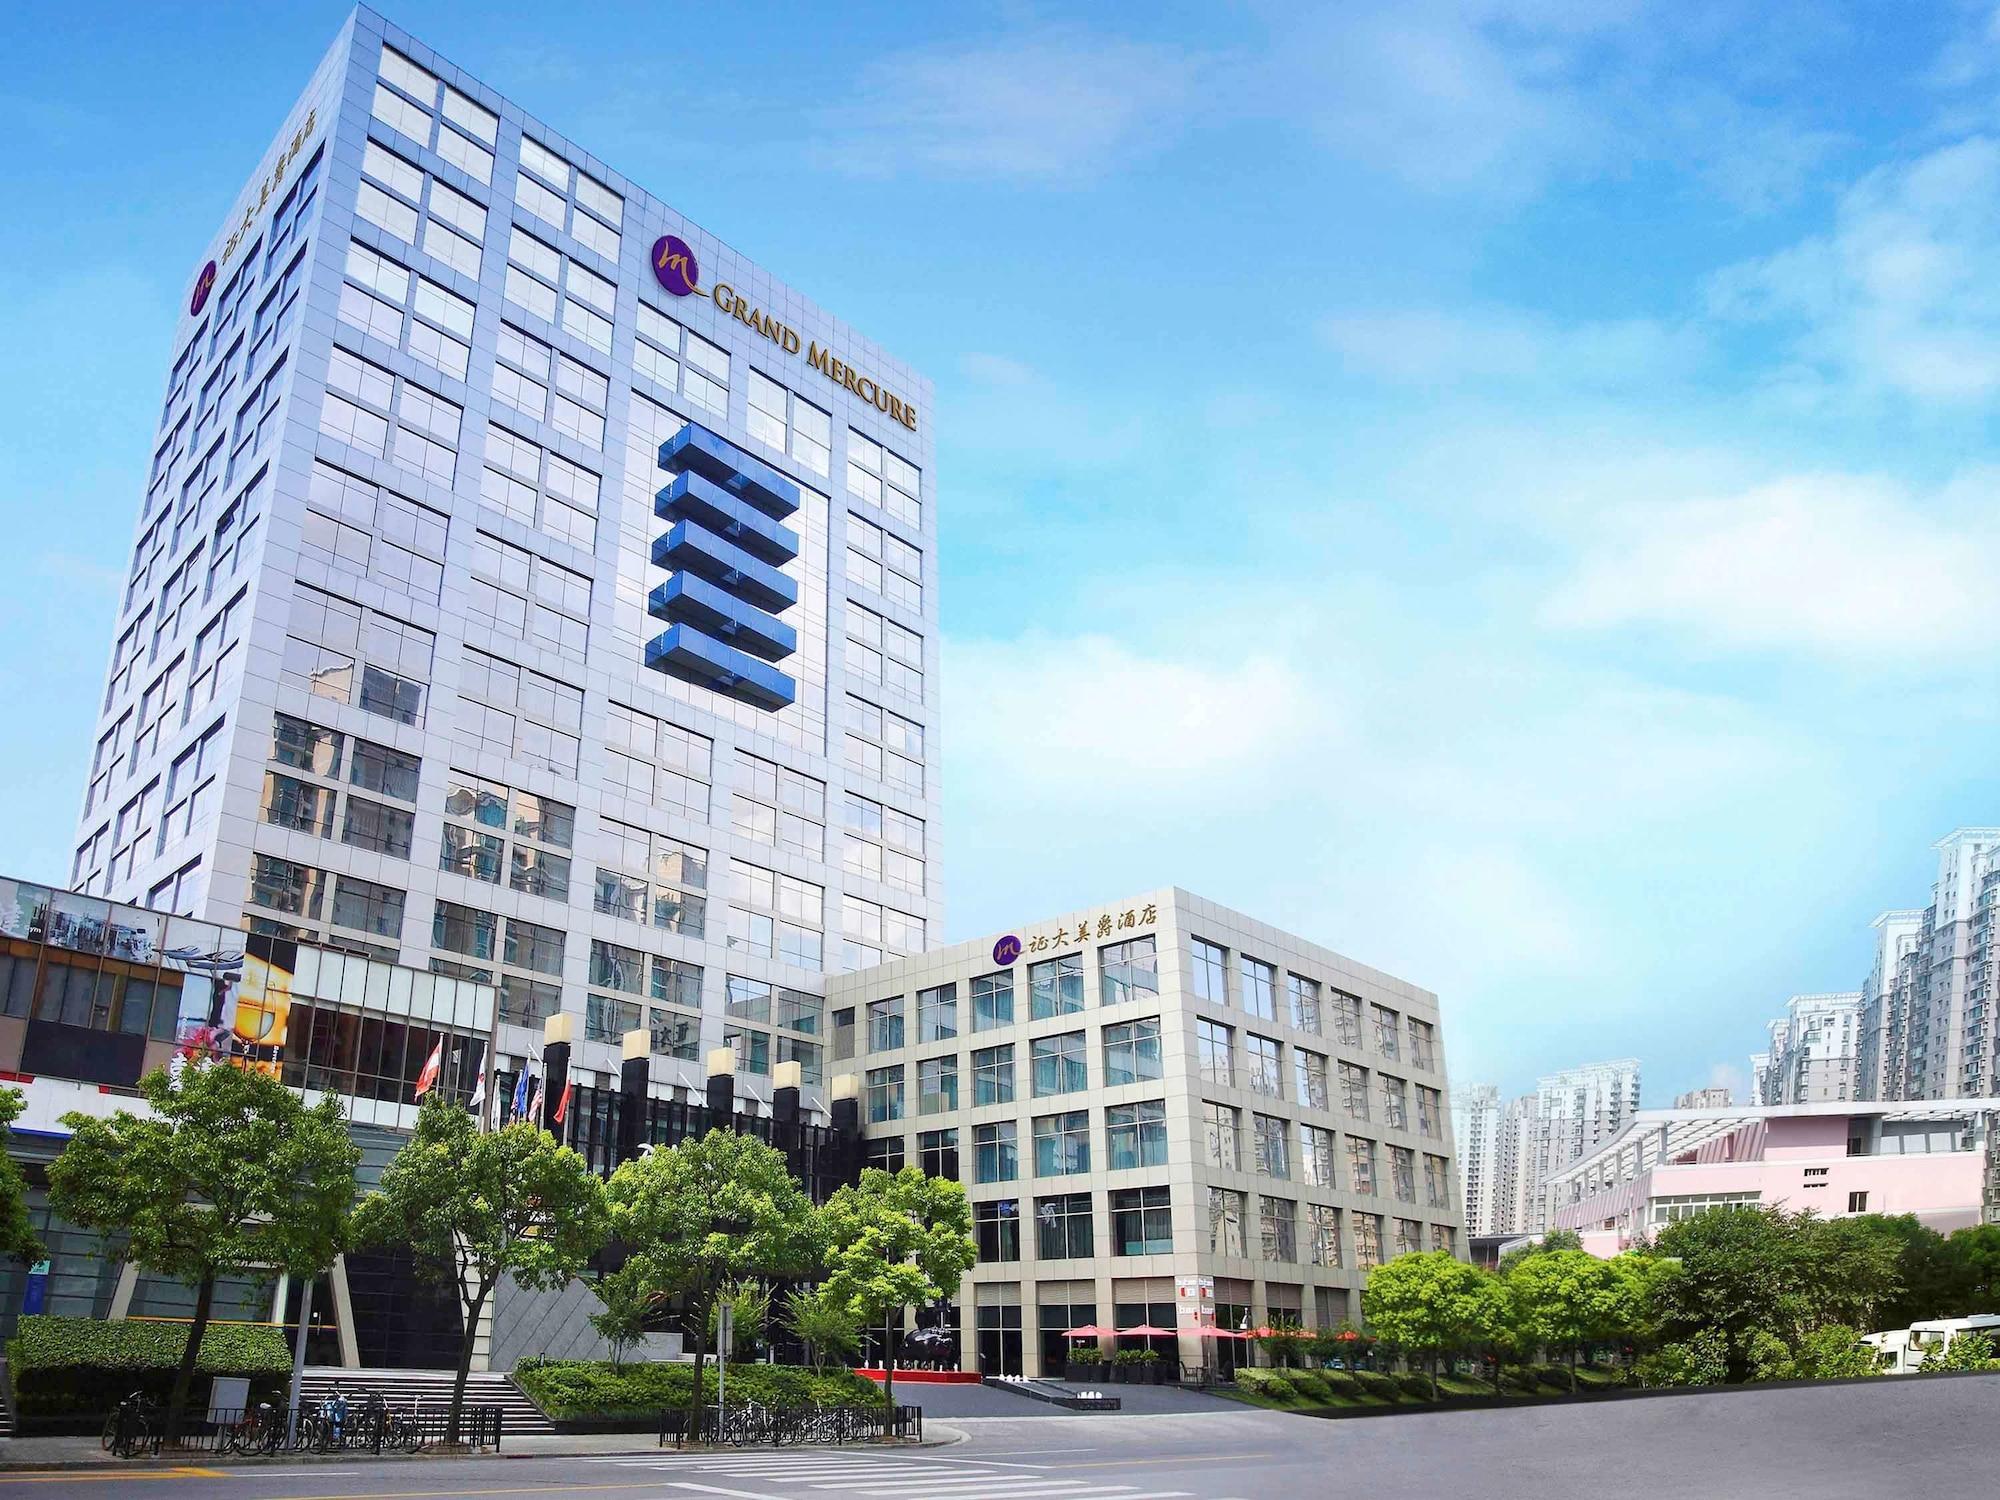 Grand Mercure Shanghai Century Park Hotel, Shanghai